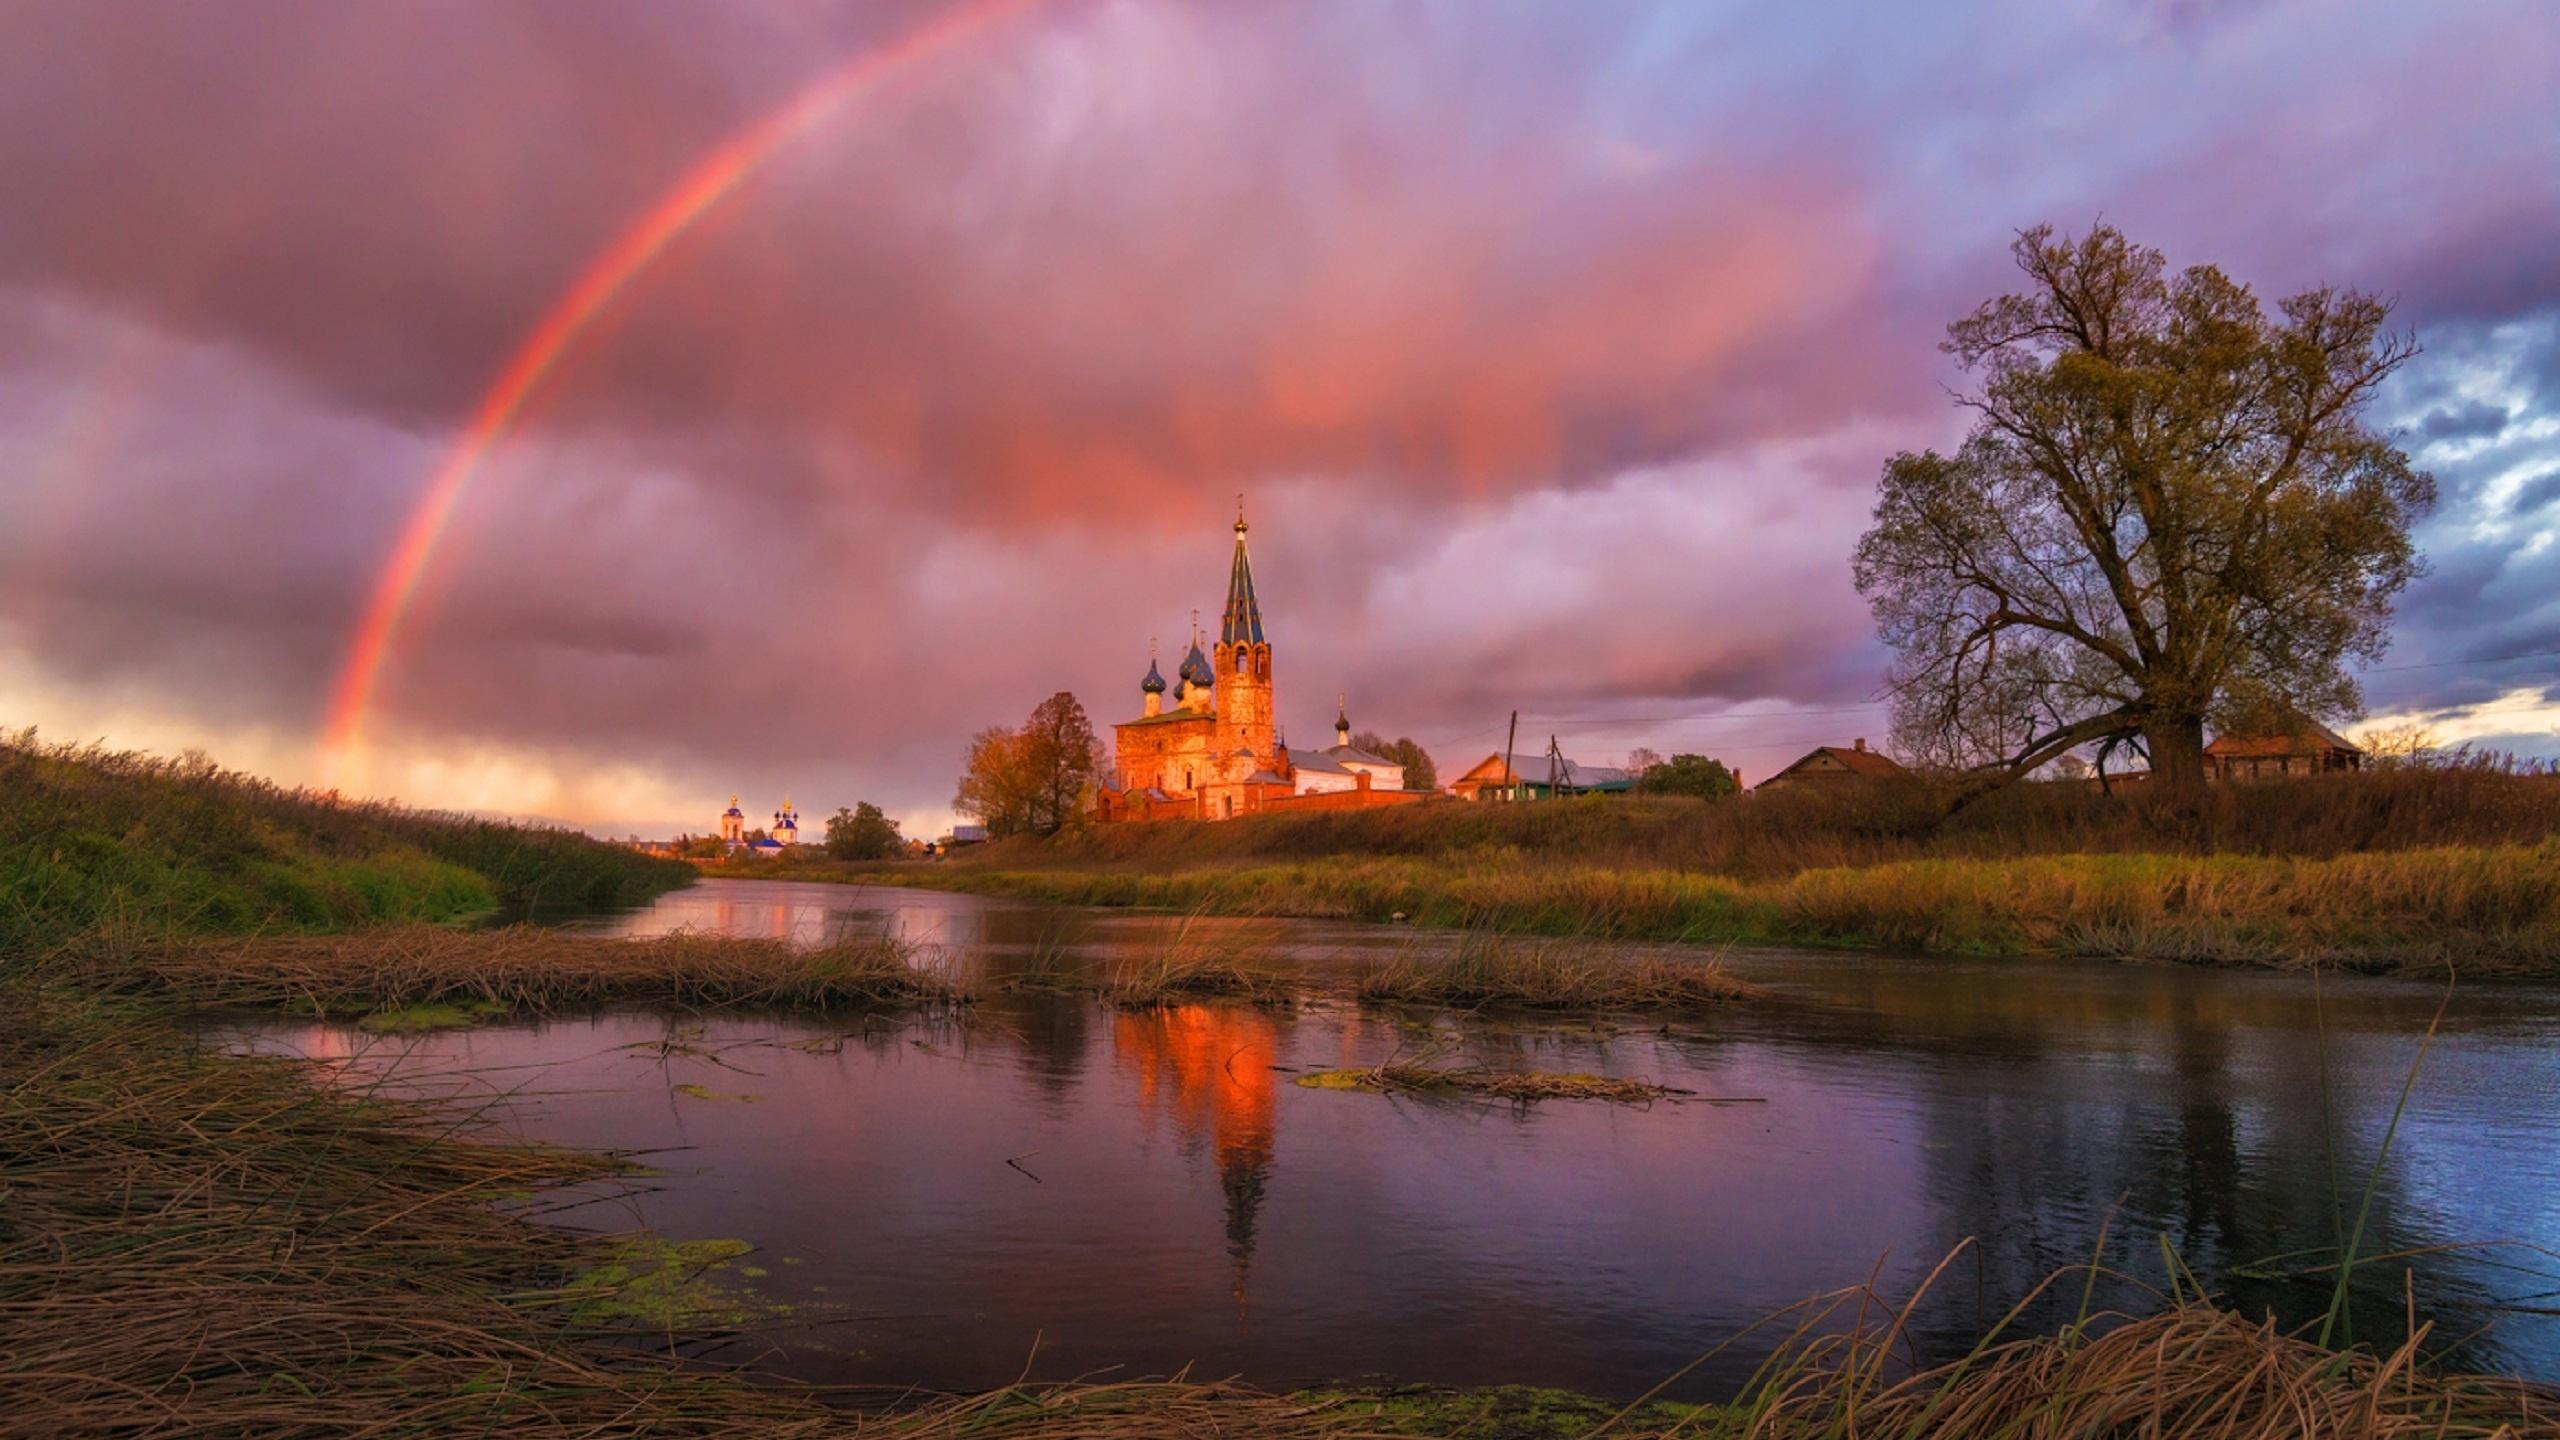 красивые картинки с церквями и радугой профессиональный